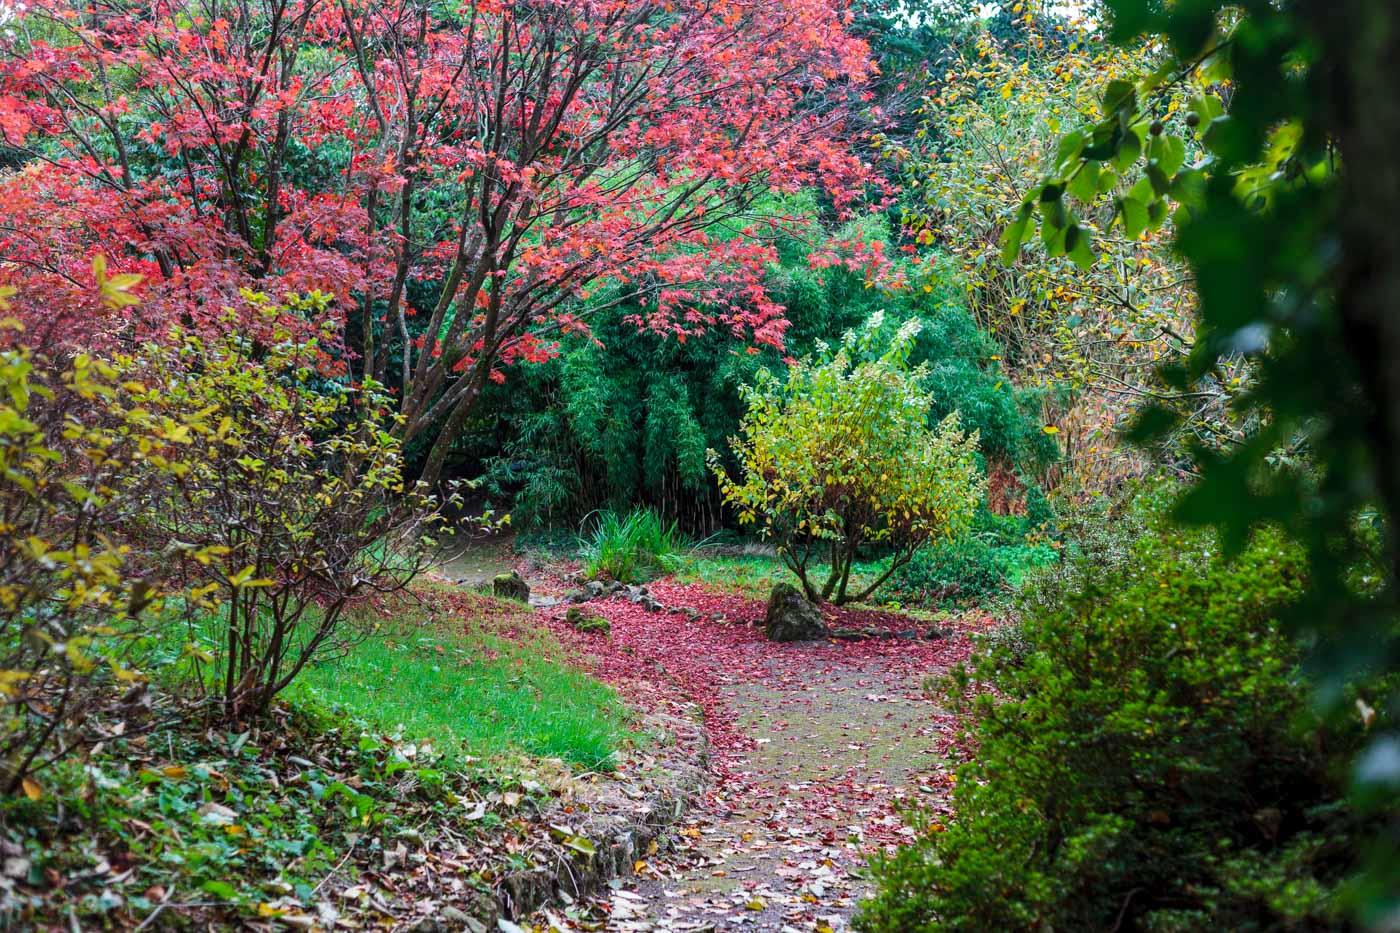 lukesland-gardens-autumn-dan-25.jpg